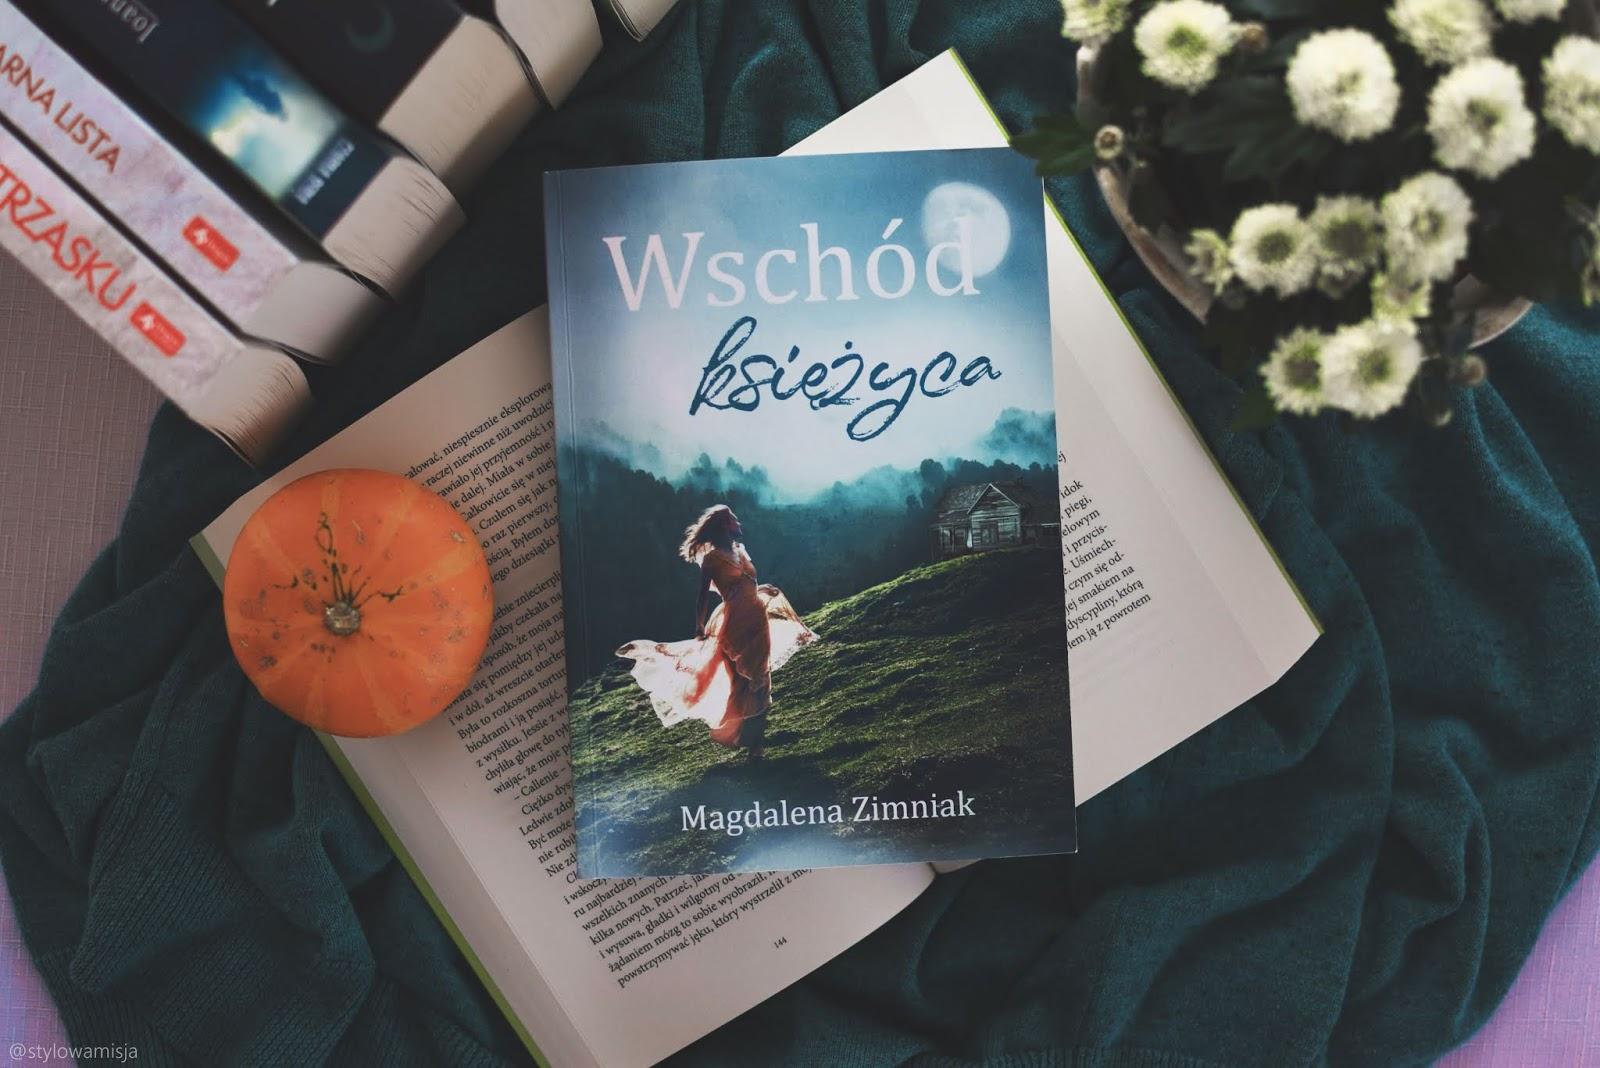 thriller, psychologiczny, WschódKsiężyca, MagdalenaZimniak, WydawnictwoProzami, opowiadanie, recenzja, metafizyka, góry, Zawrat,